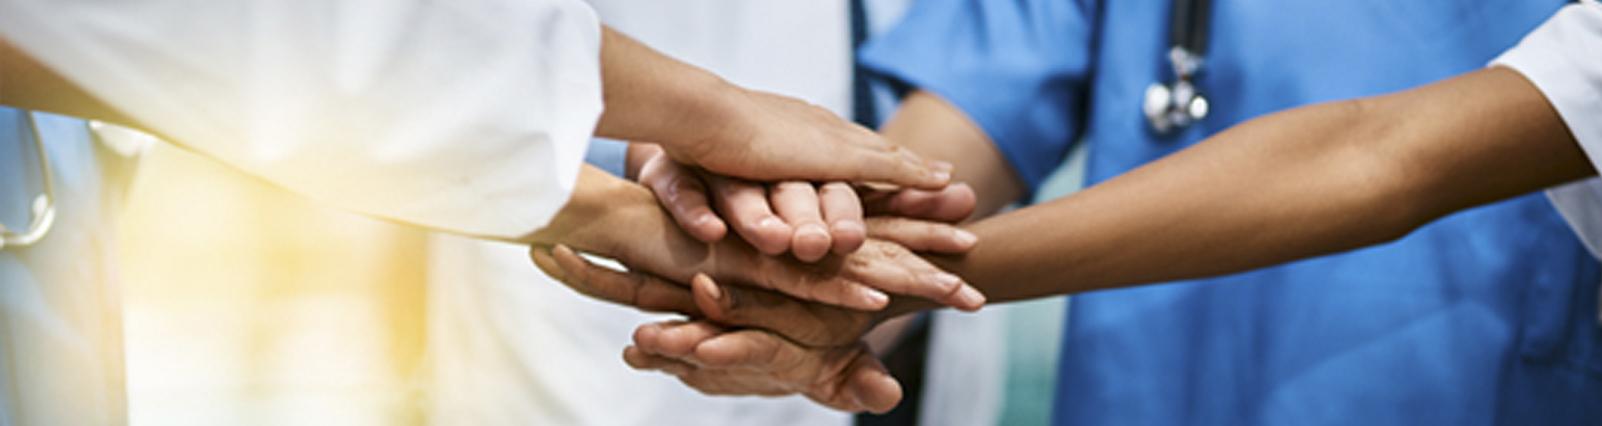 Qual a importância da comunicação para os Cuidados Paliativos?